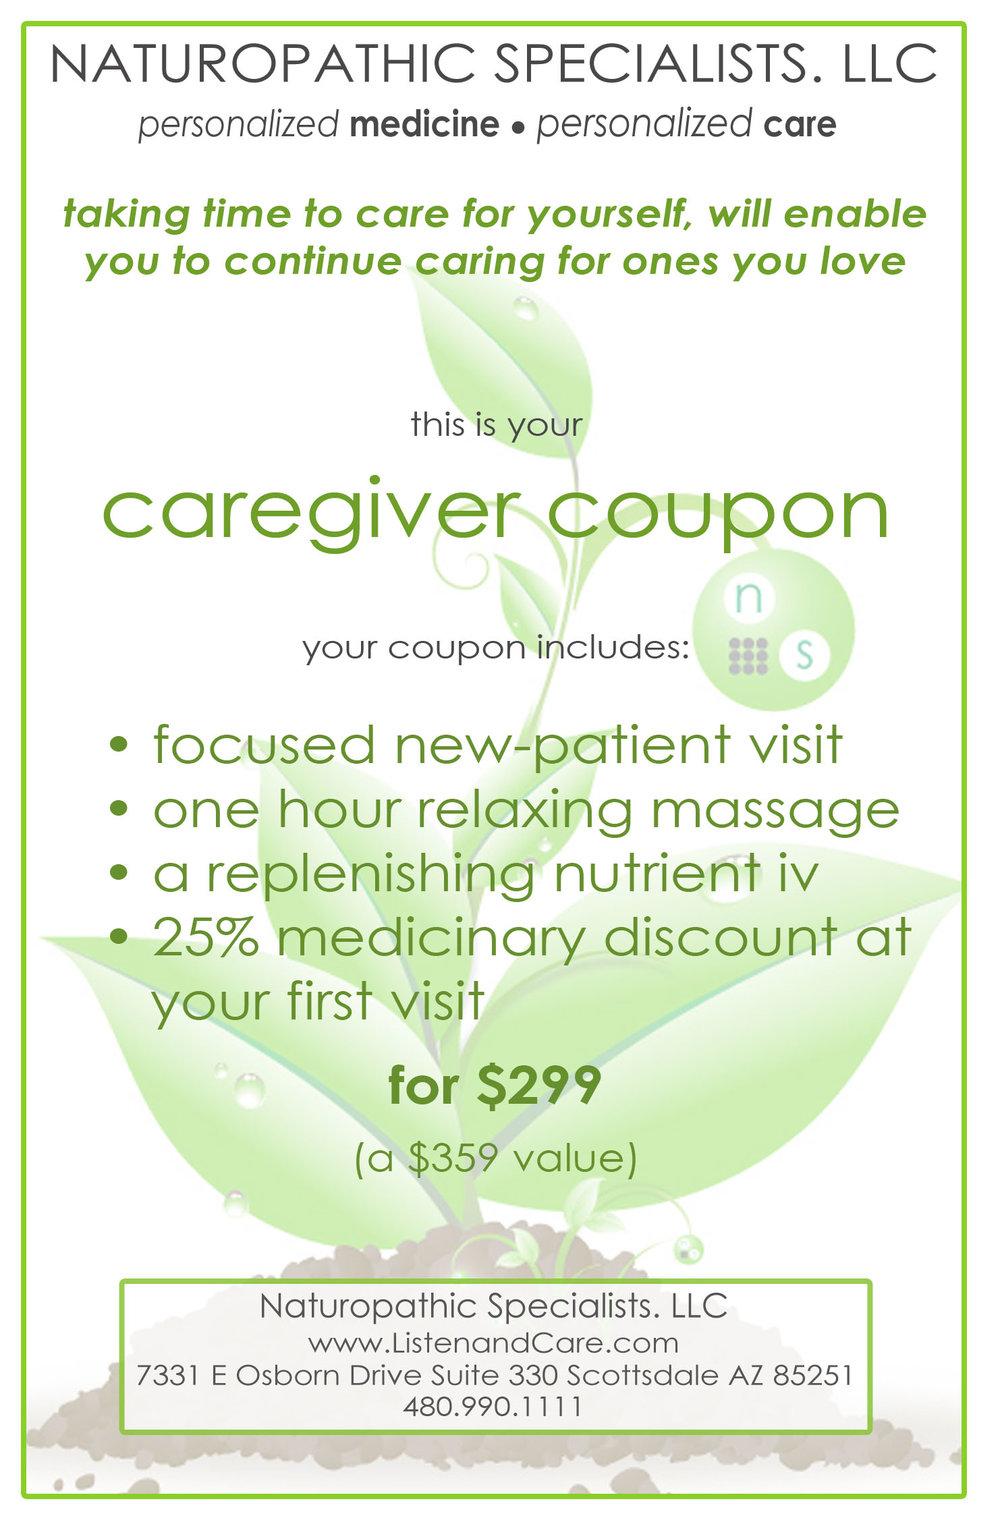 caregiver coupon